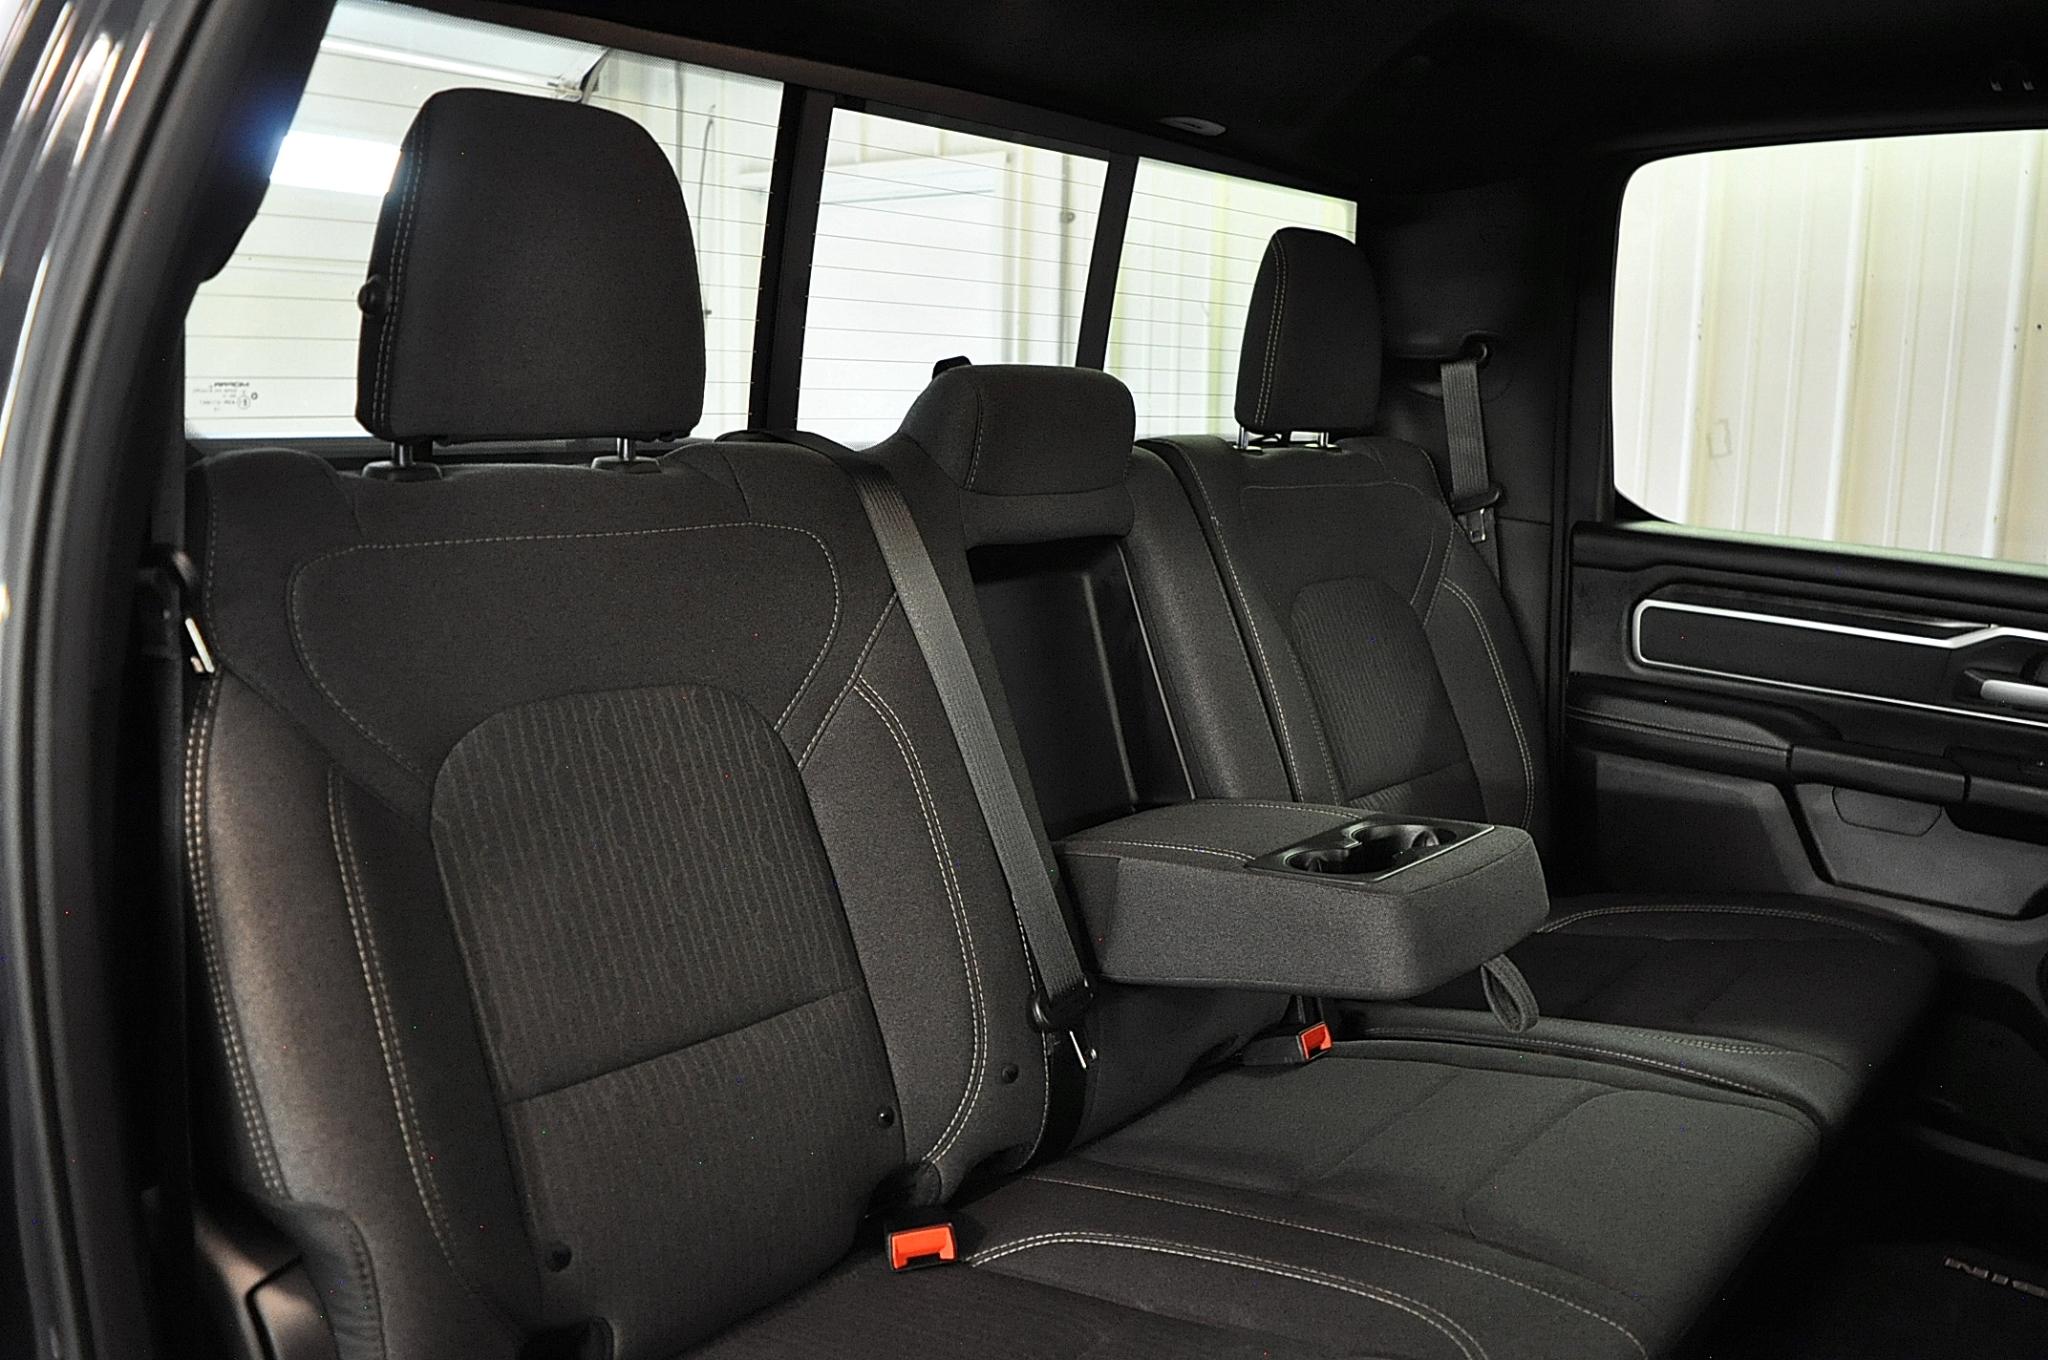 RAM 1500 Big Horn Crew Cab SWB 4WD 2019